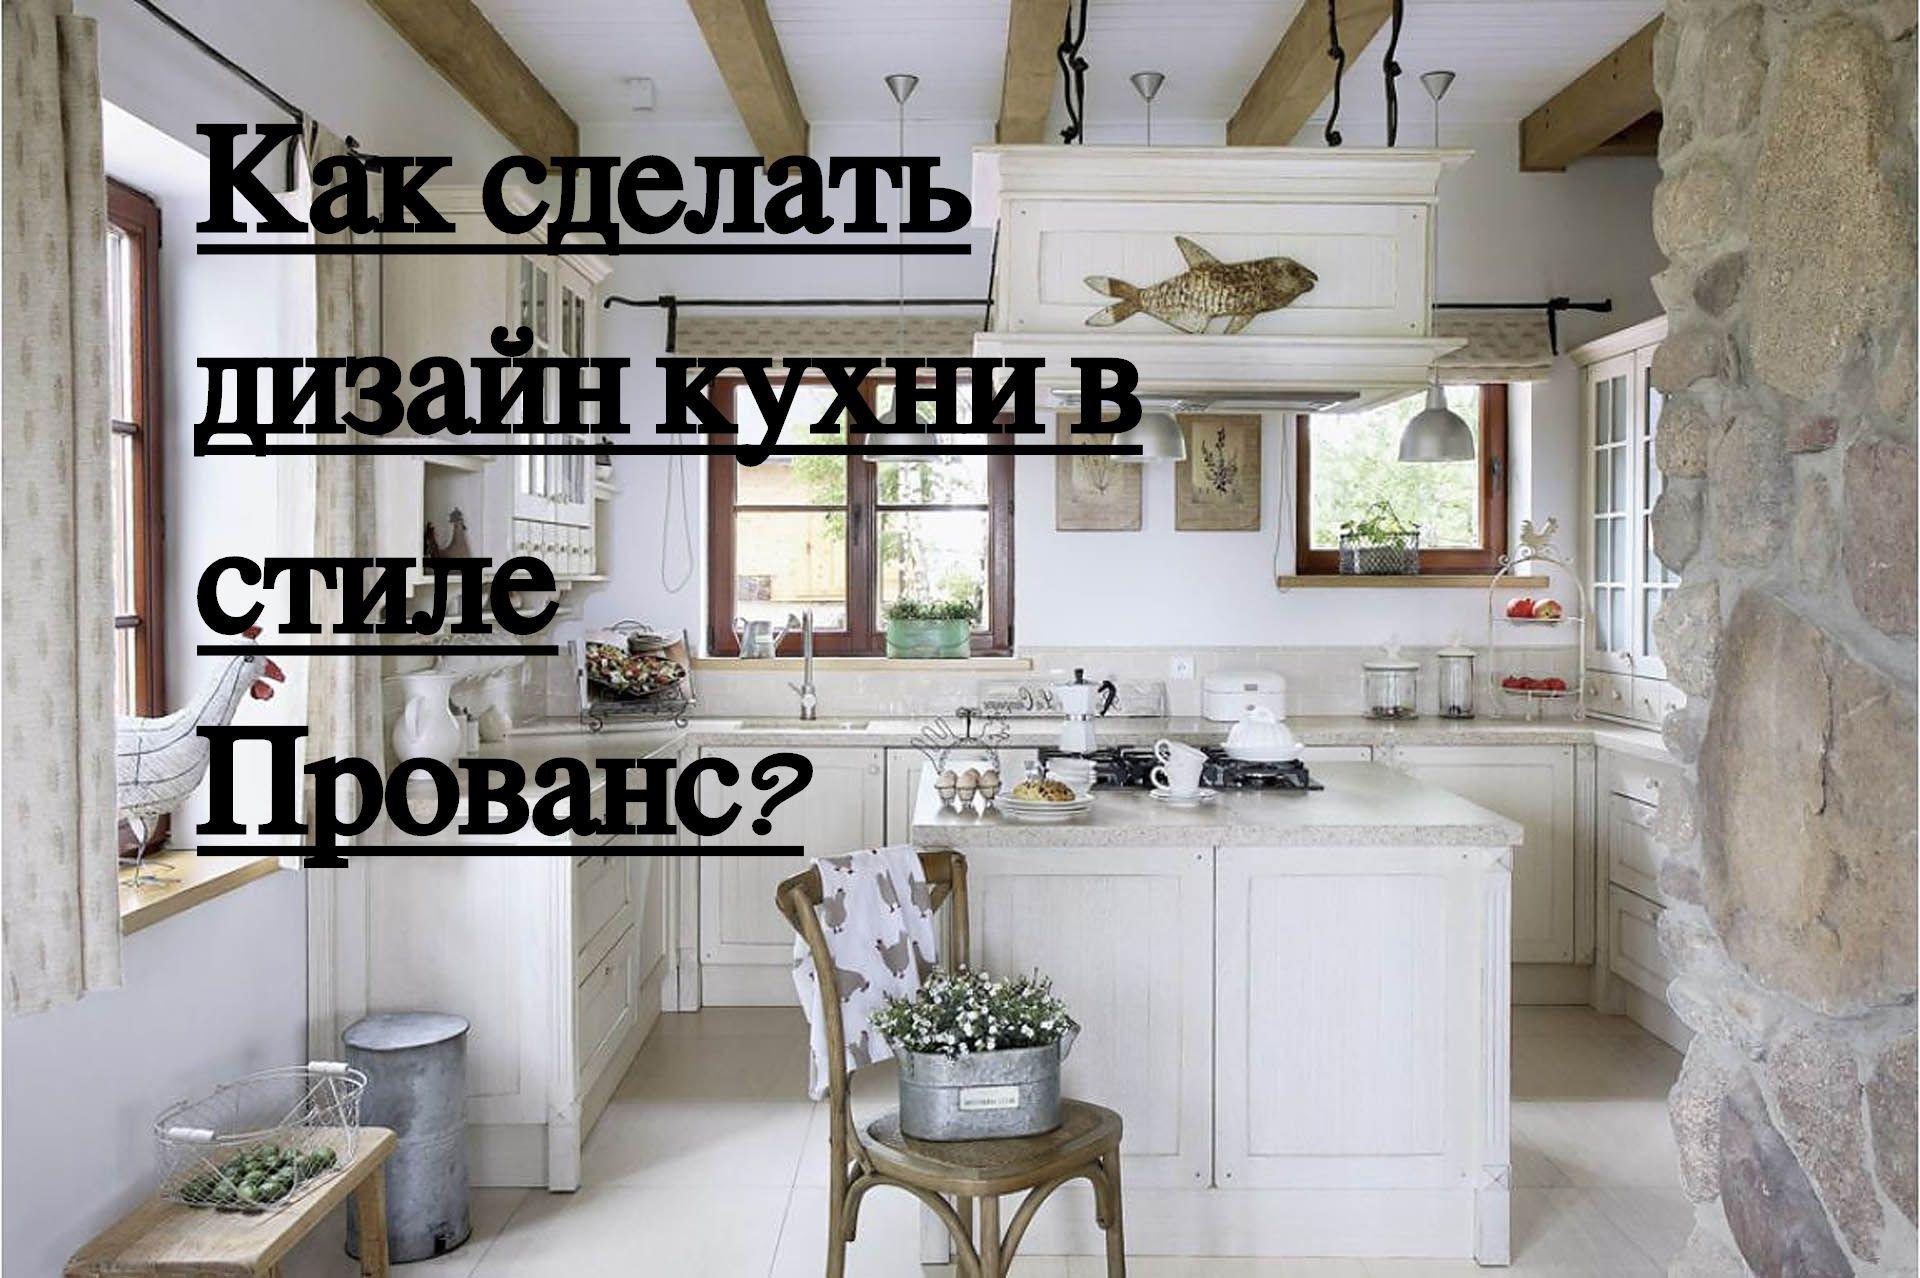 Кухня с островом. На потолке деревянные балки. Окна из дерева. В вазе букет цветов.